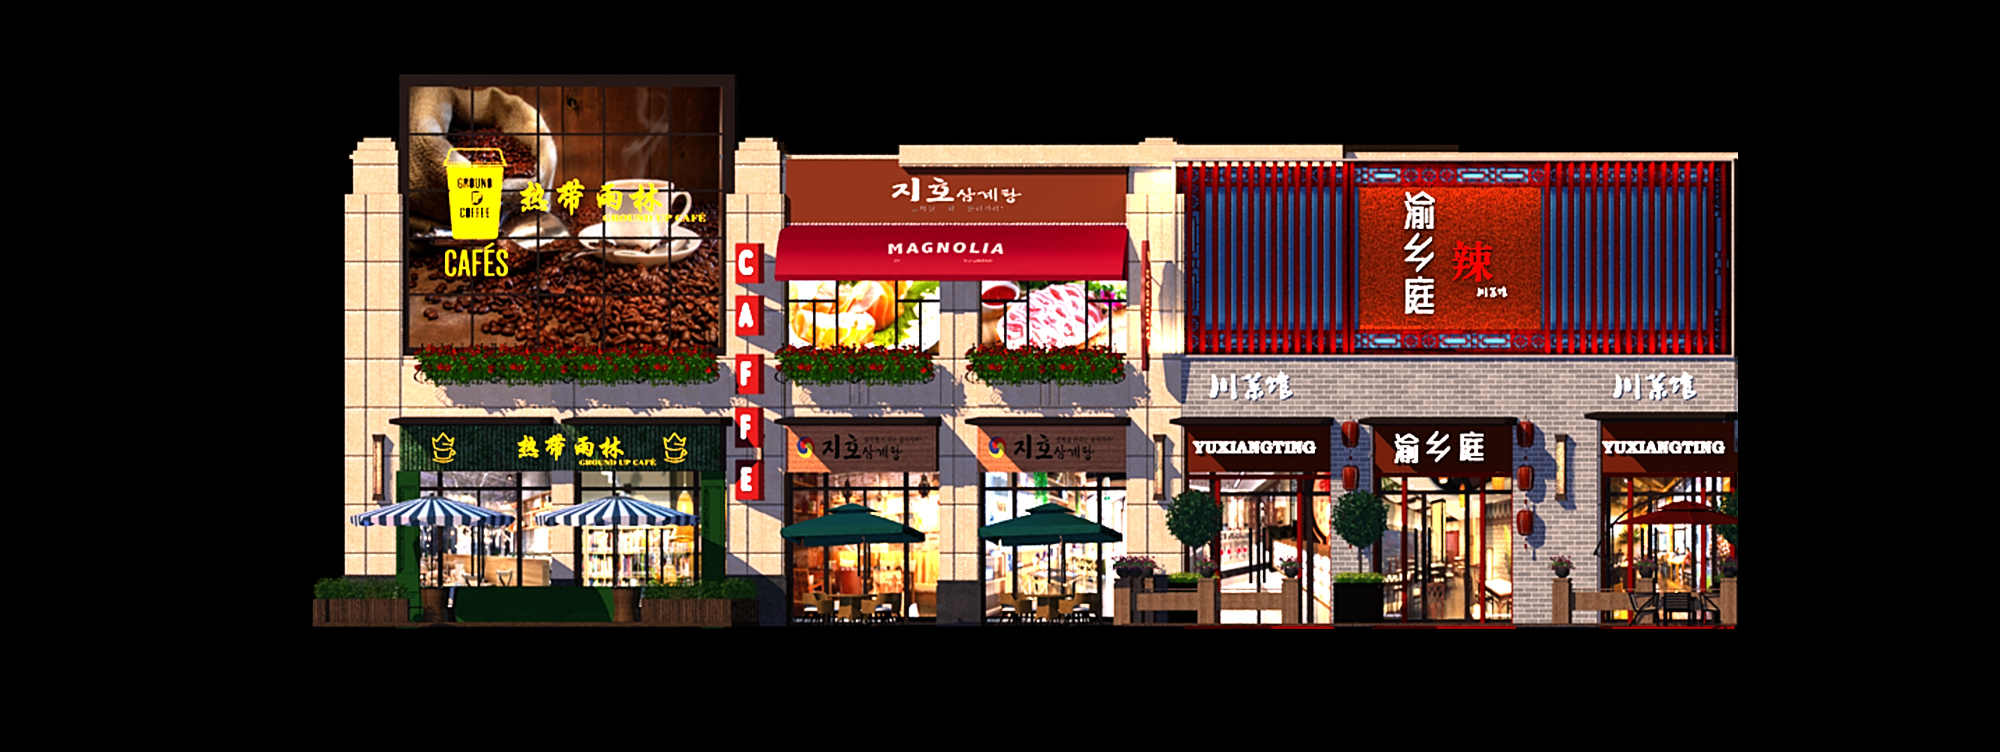 步行商业街美陈|空间|展示设计 |柠檬8663 - 原创作品